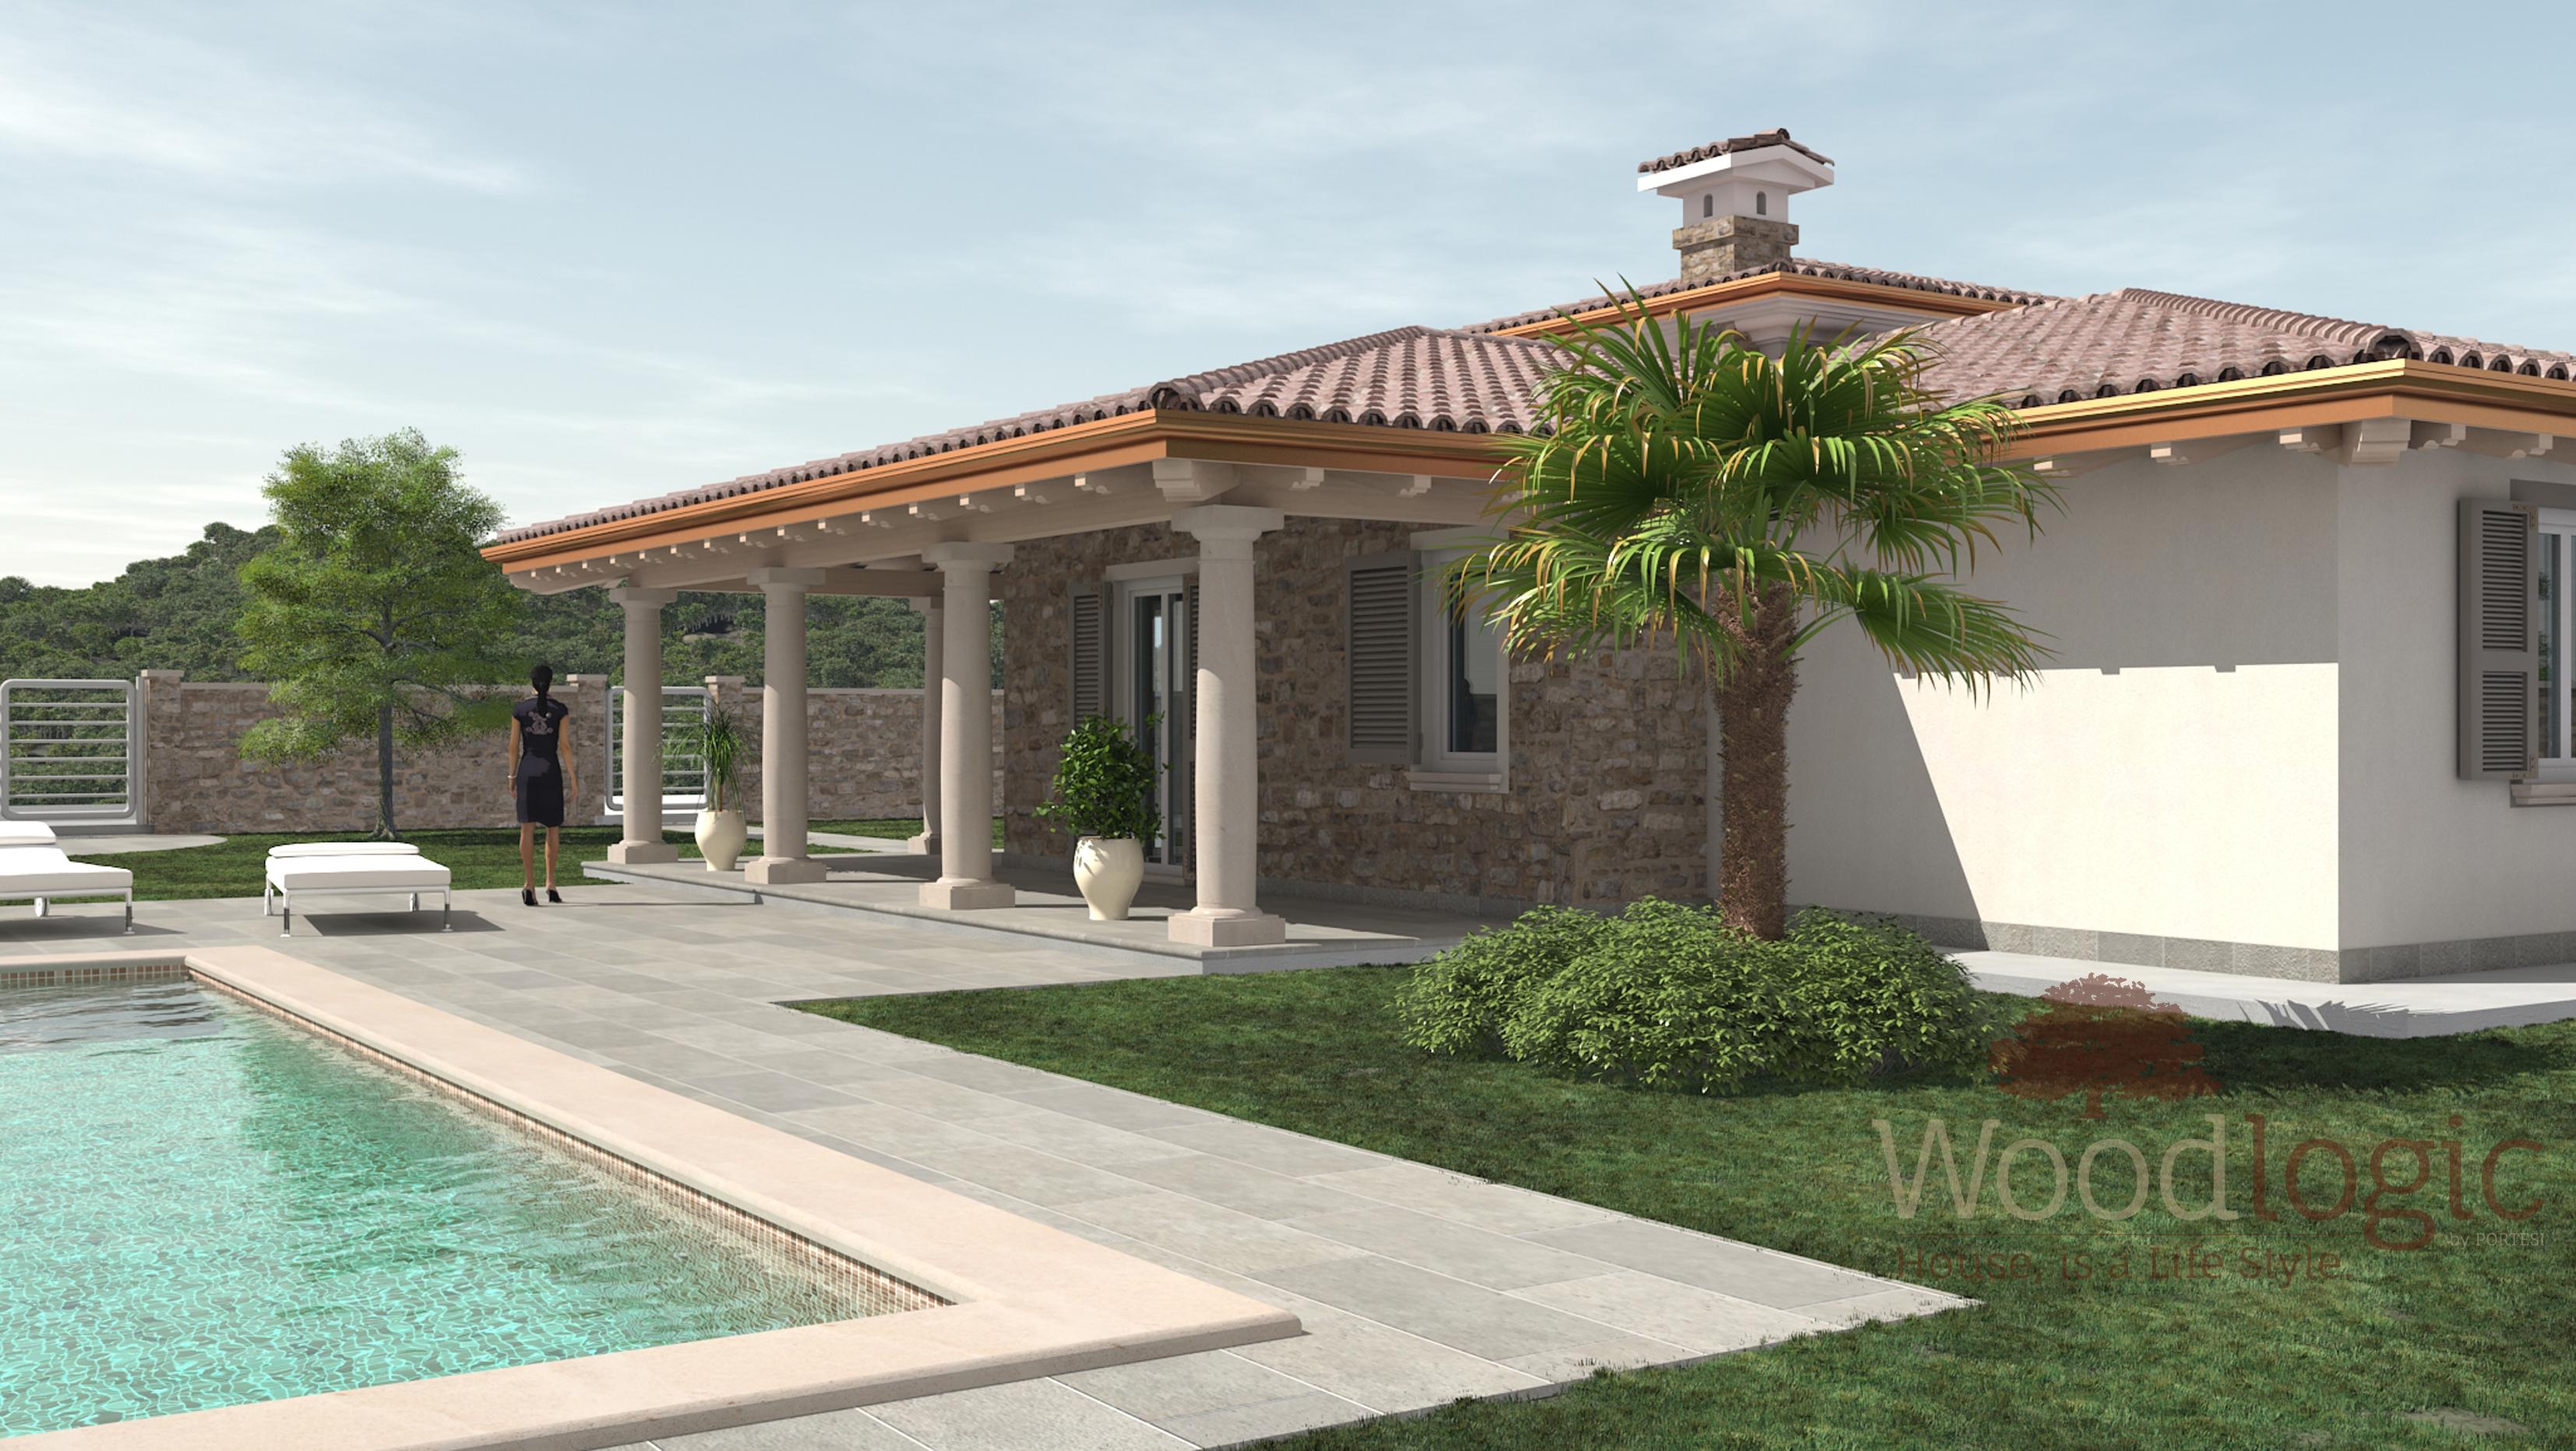 Villa fiordaliso case ecologiche classiche woodlogic for Progetti ville classiche